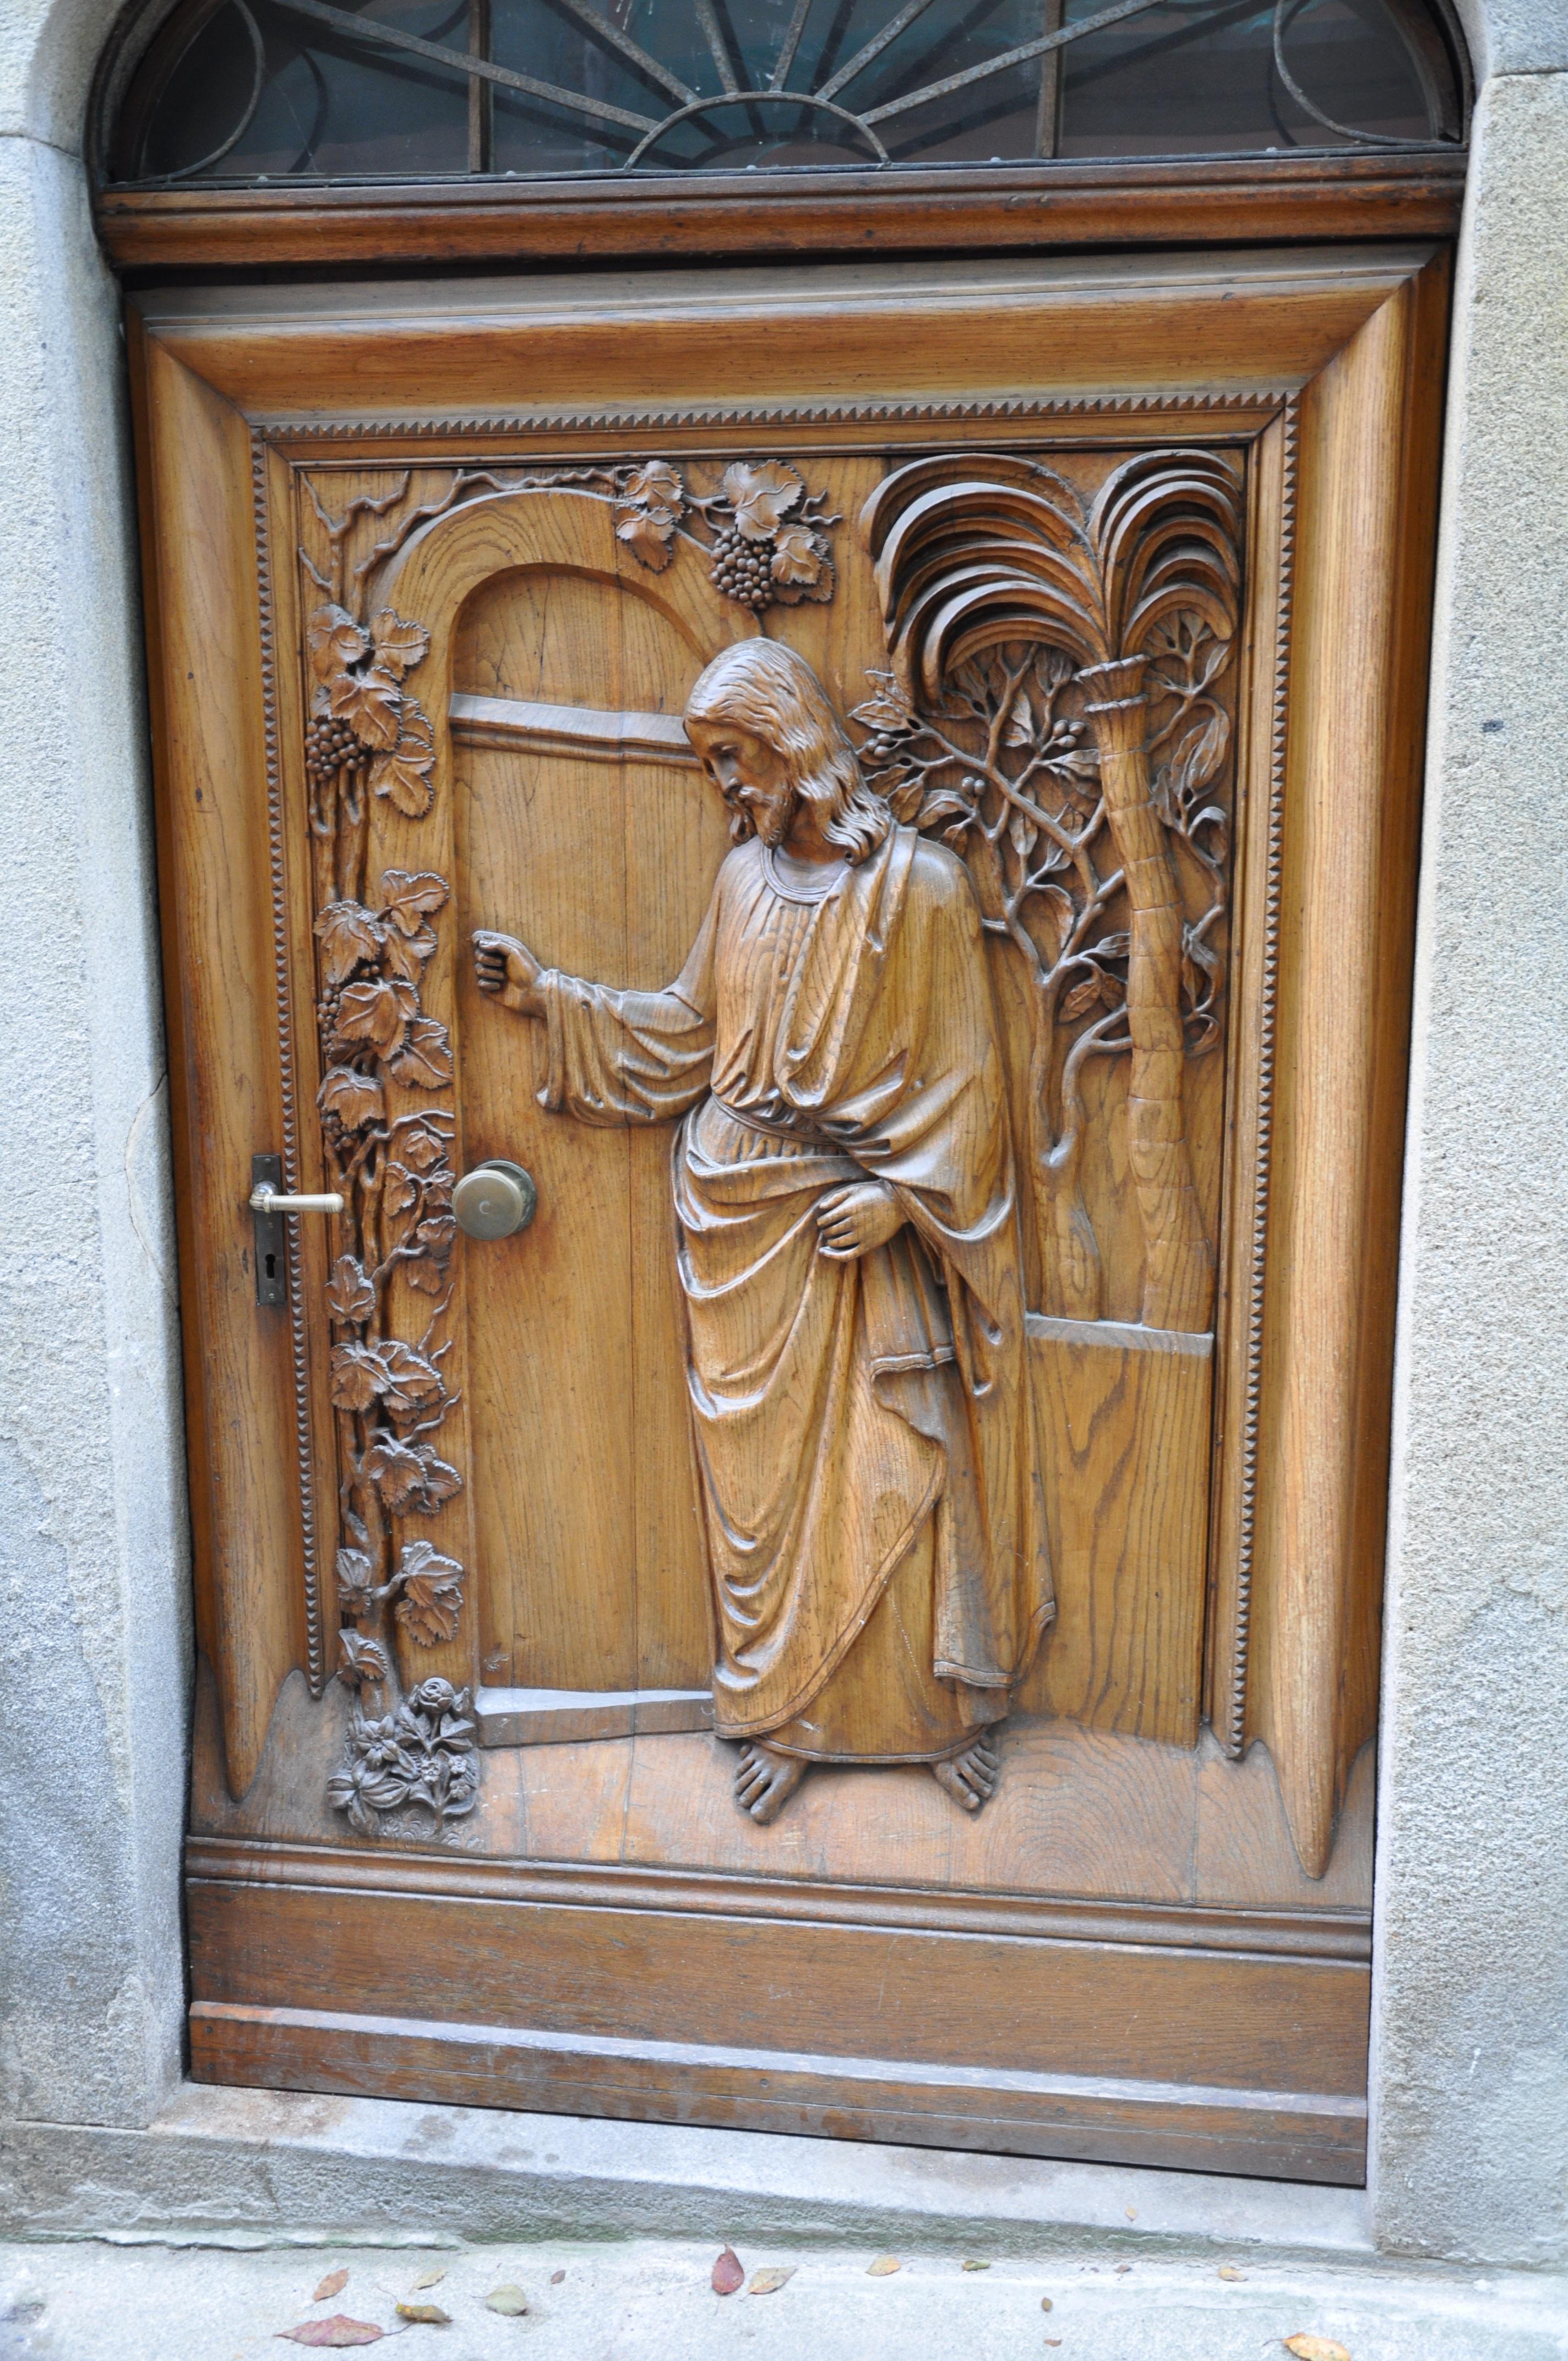 Fotos gratis : madera, religión, mueble, puerta, art, Jesús, tallado ...